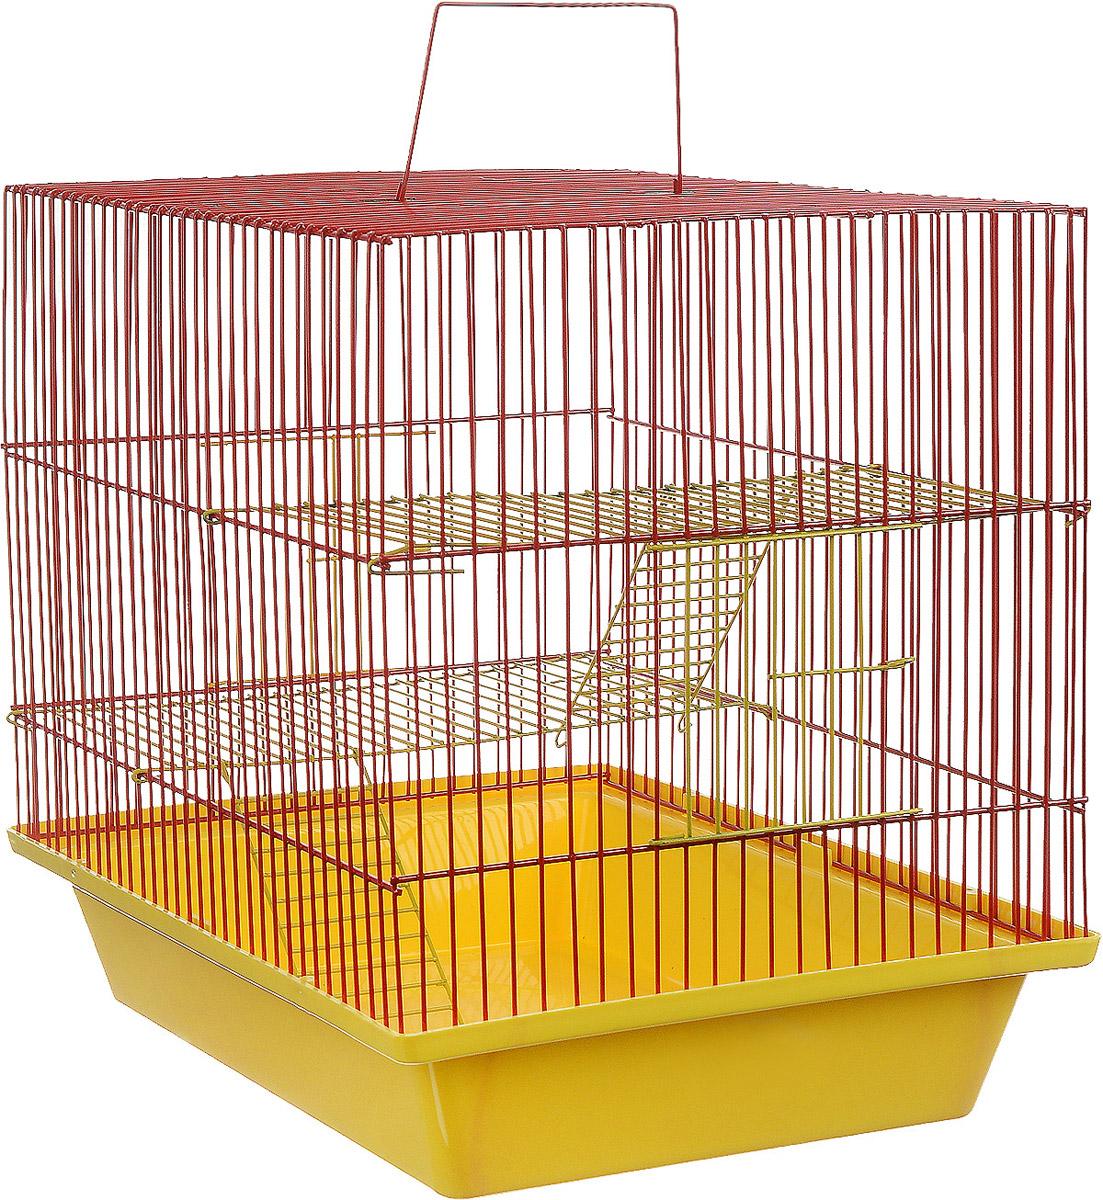 Клетка для грызунов ЗооМарк Гризли, 3-этажная, цвет: желтый поддон, красная решетка, желтые этажи, 41 х 30 х 36 см. 230ж230ж_желтый, красныйКлетка ЗооМарк Гризли, выполненная из полипропилена и металла, подходит для мелких грызунов. Изделие трехэтажное. Клетка имеет яркий поддон, удобна в использовании и легко чистится. Сверху имеется ручка для переноски. Такая клетка станет уединенным личным пространством и уютным домиком для маленького грызуна.